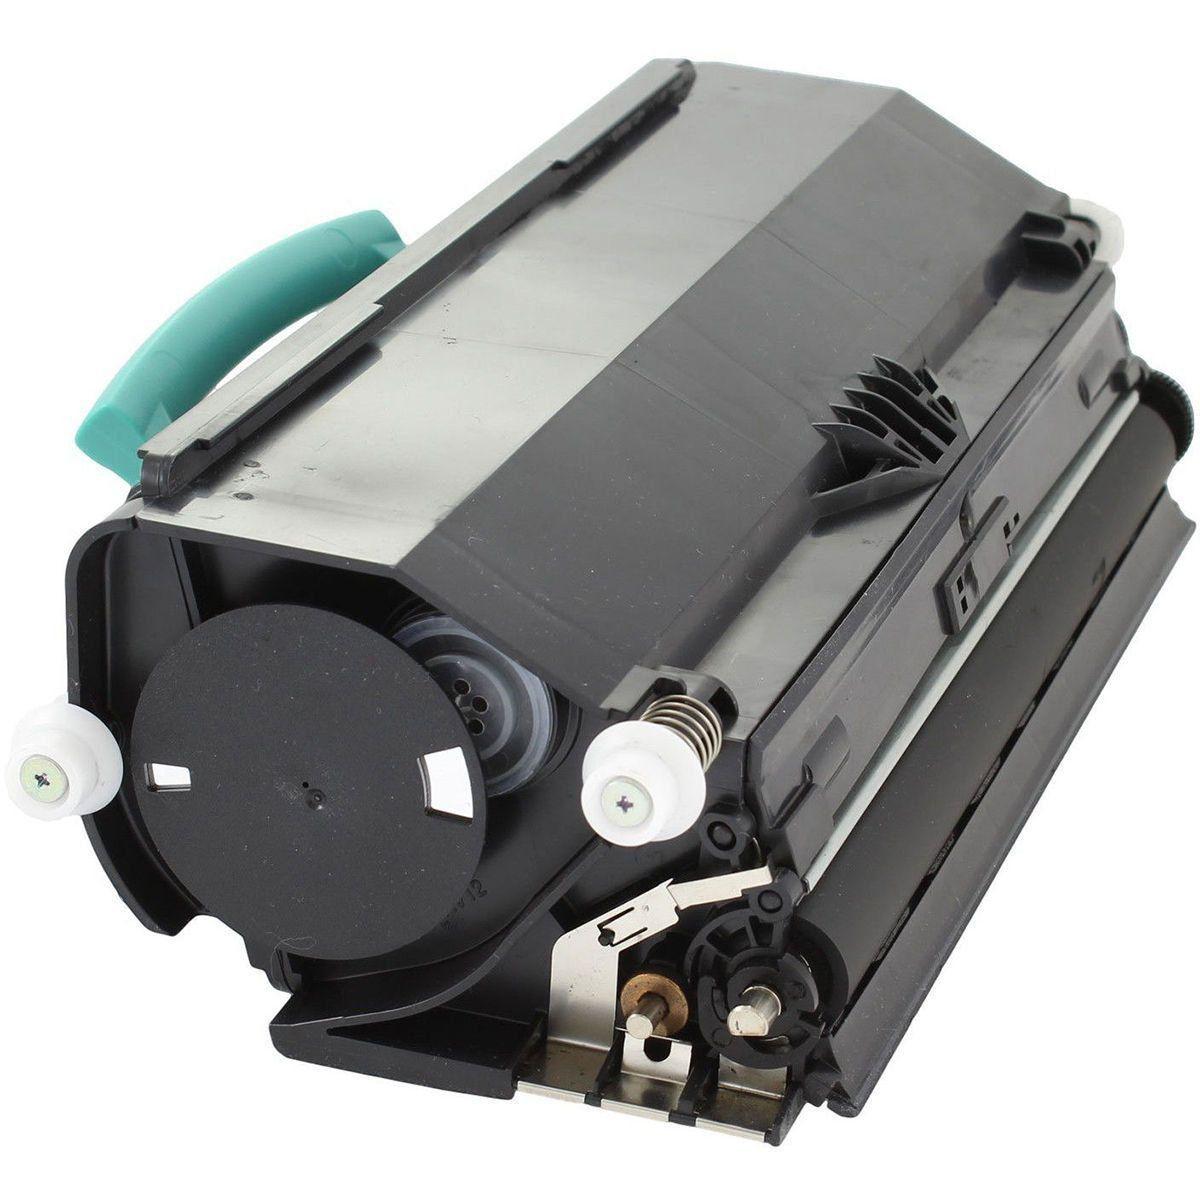 Toner Compatível com Lexmark E260 E360 E460 X464 15.000 Páginas - Cartucho & Cia.